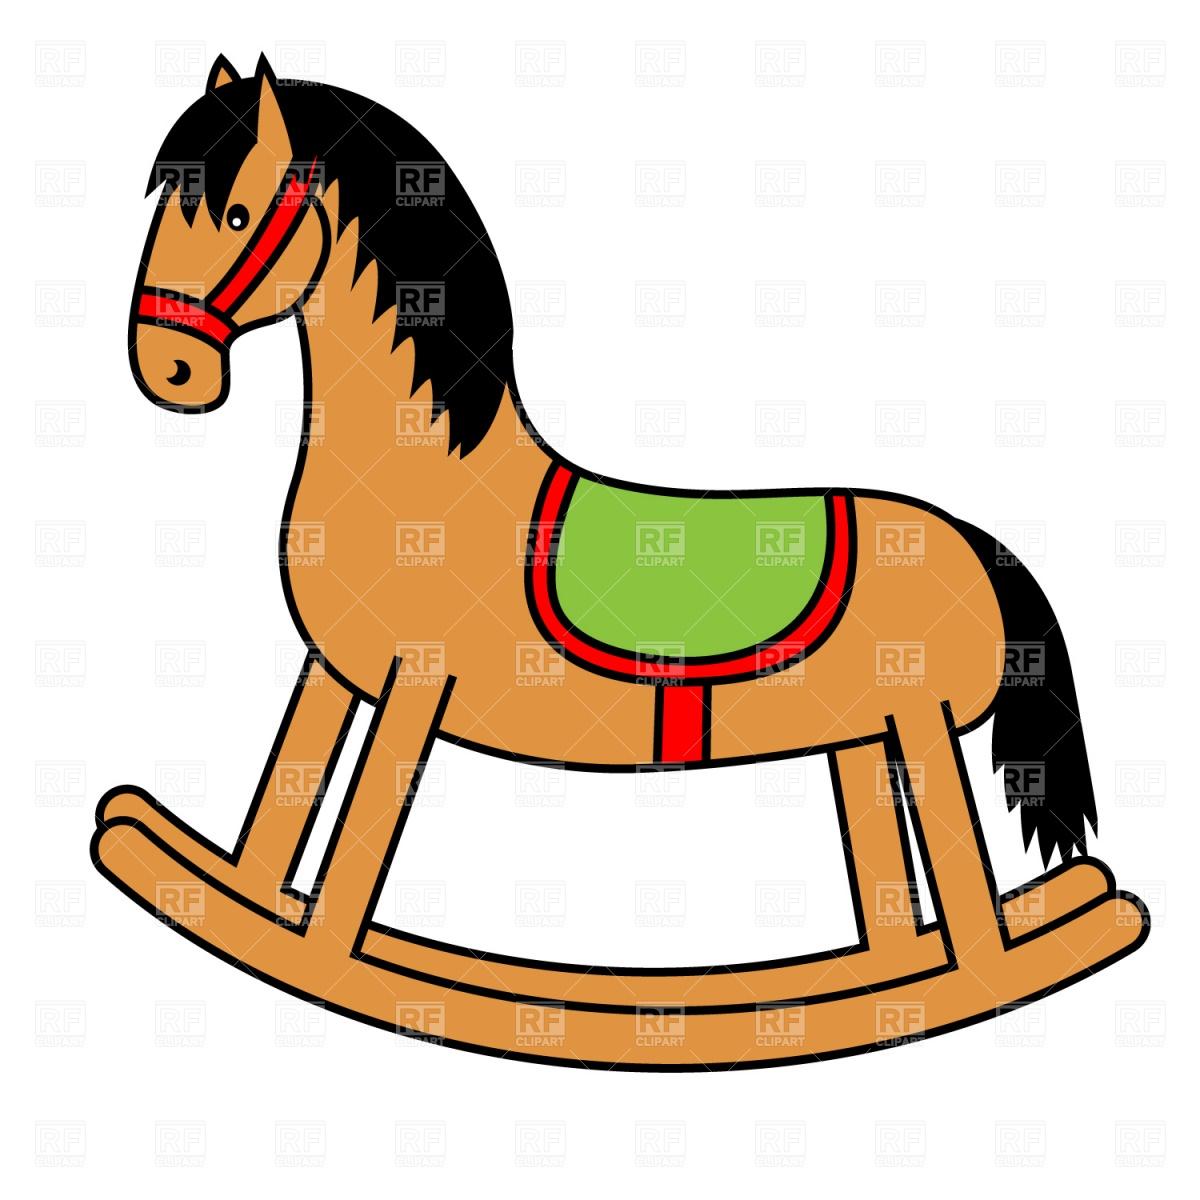 ... Horse Clipart . Rocking cliparts. Rocking cliparts. 73201d5f90dab12ce1d5aef0d21f02 .